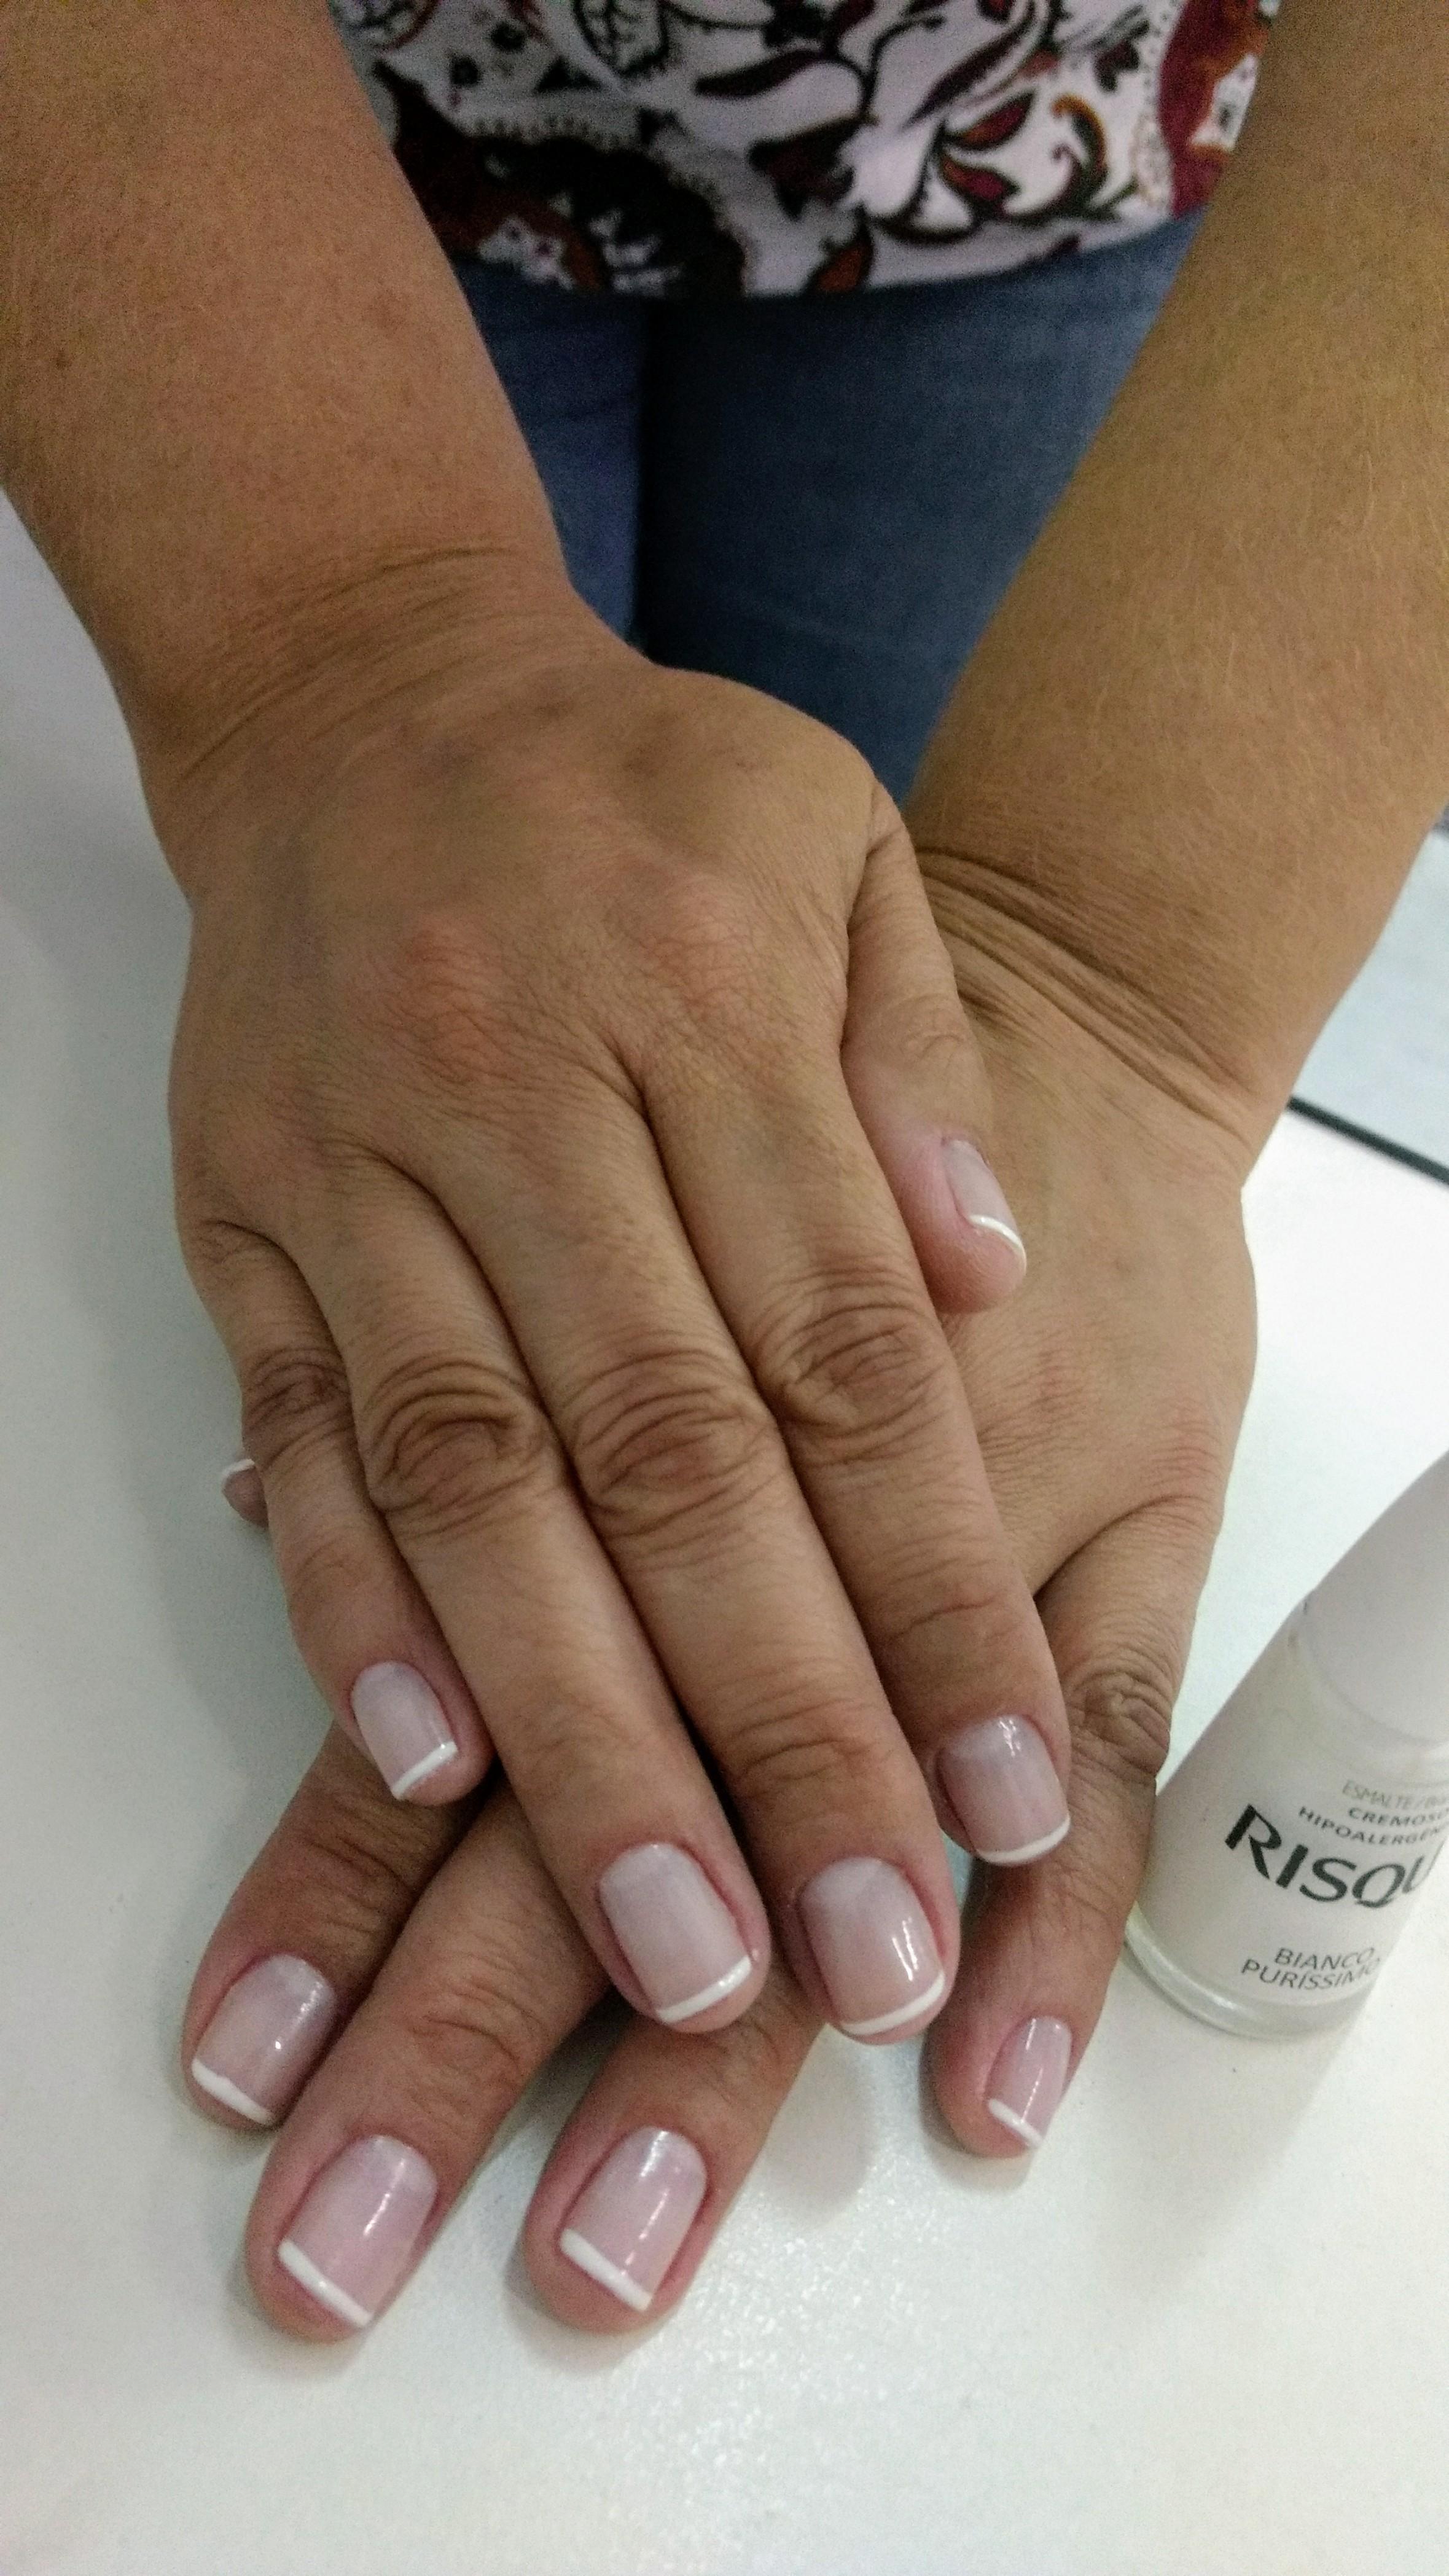 #Francesinha #MeuBraquinho ❤️ unha recepcionista manicure e pedicure